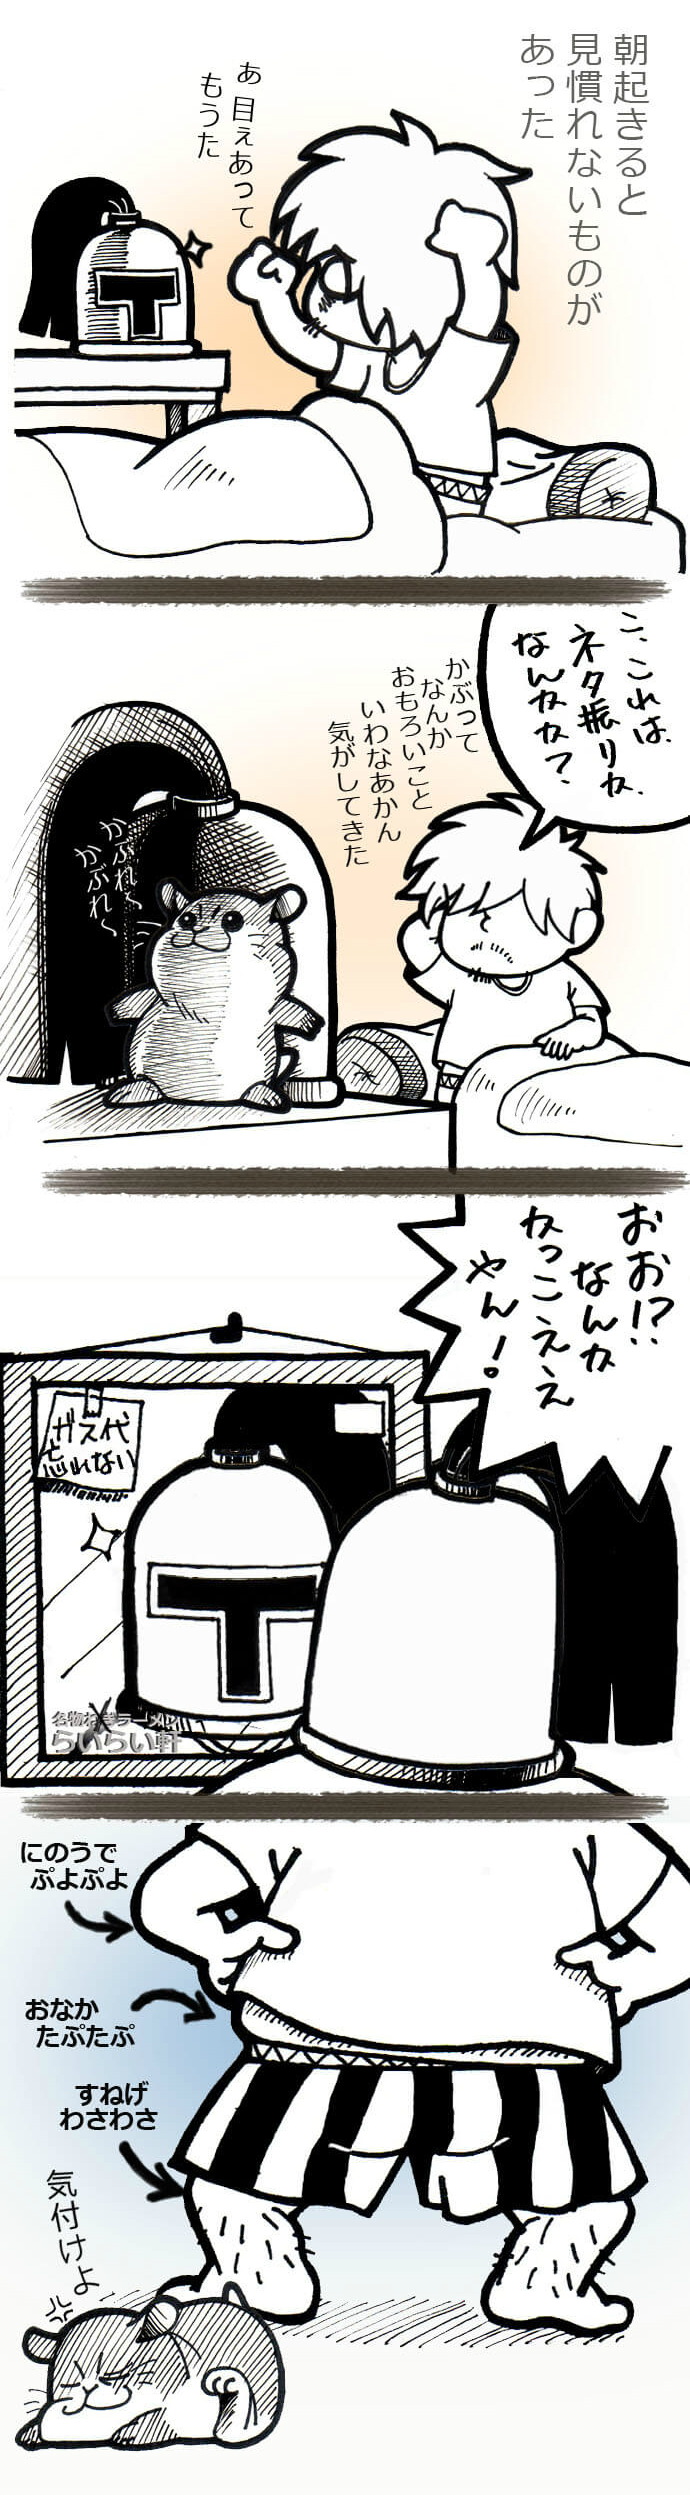 yasuhiro1